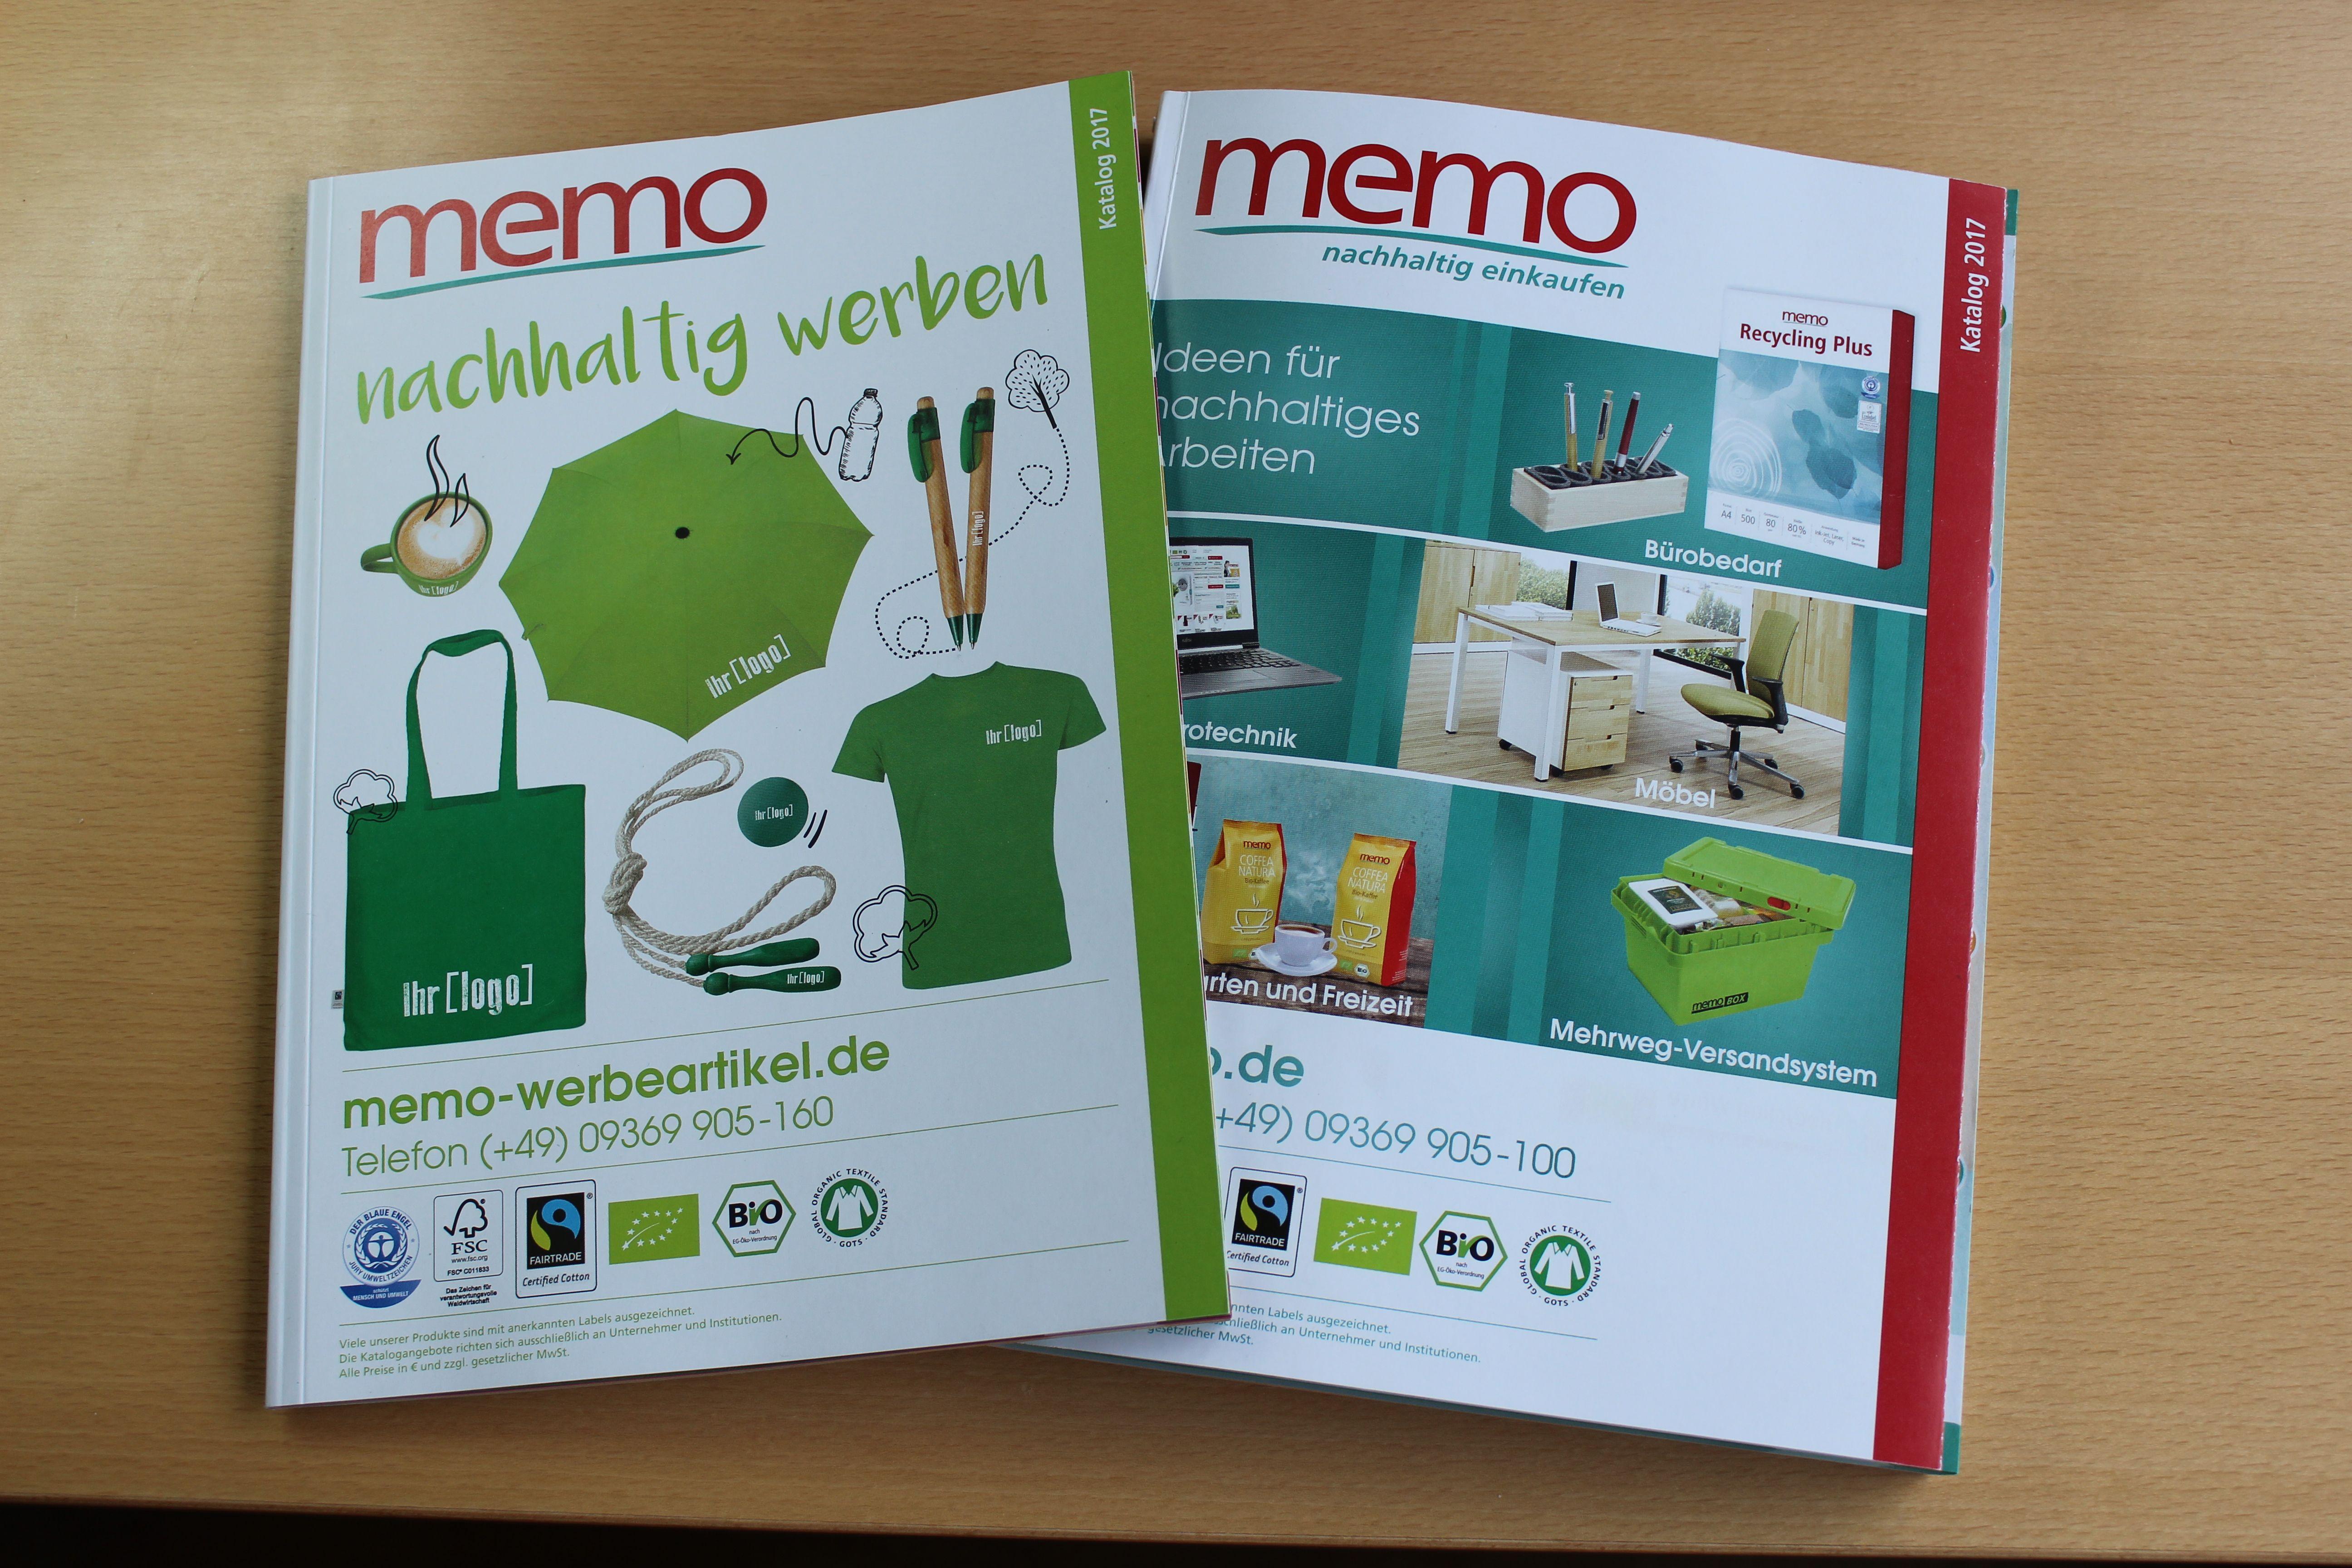 2 brandneue Gewerbekunden-#Kataloge der #memo_AG unter http://bit.ly/2j3K3YY  bestellbar! Mehr Infos hat forum-CSR: | Two brand new #catalogues for #B2B memo customers available under http://bit.ly/2j3K3YY - More information: http://bit.ly/2ifOEKq